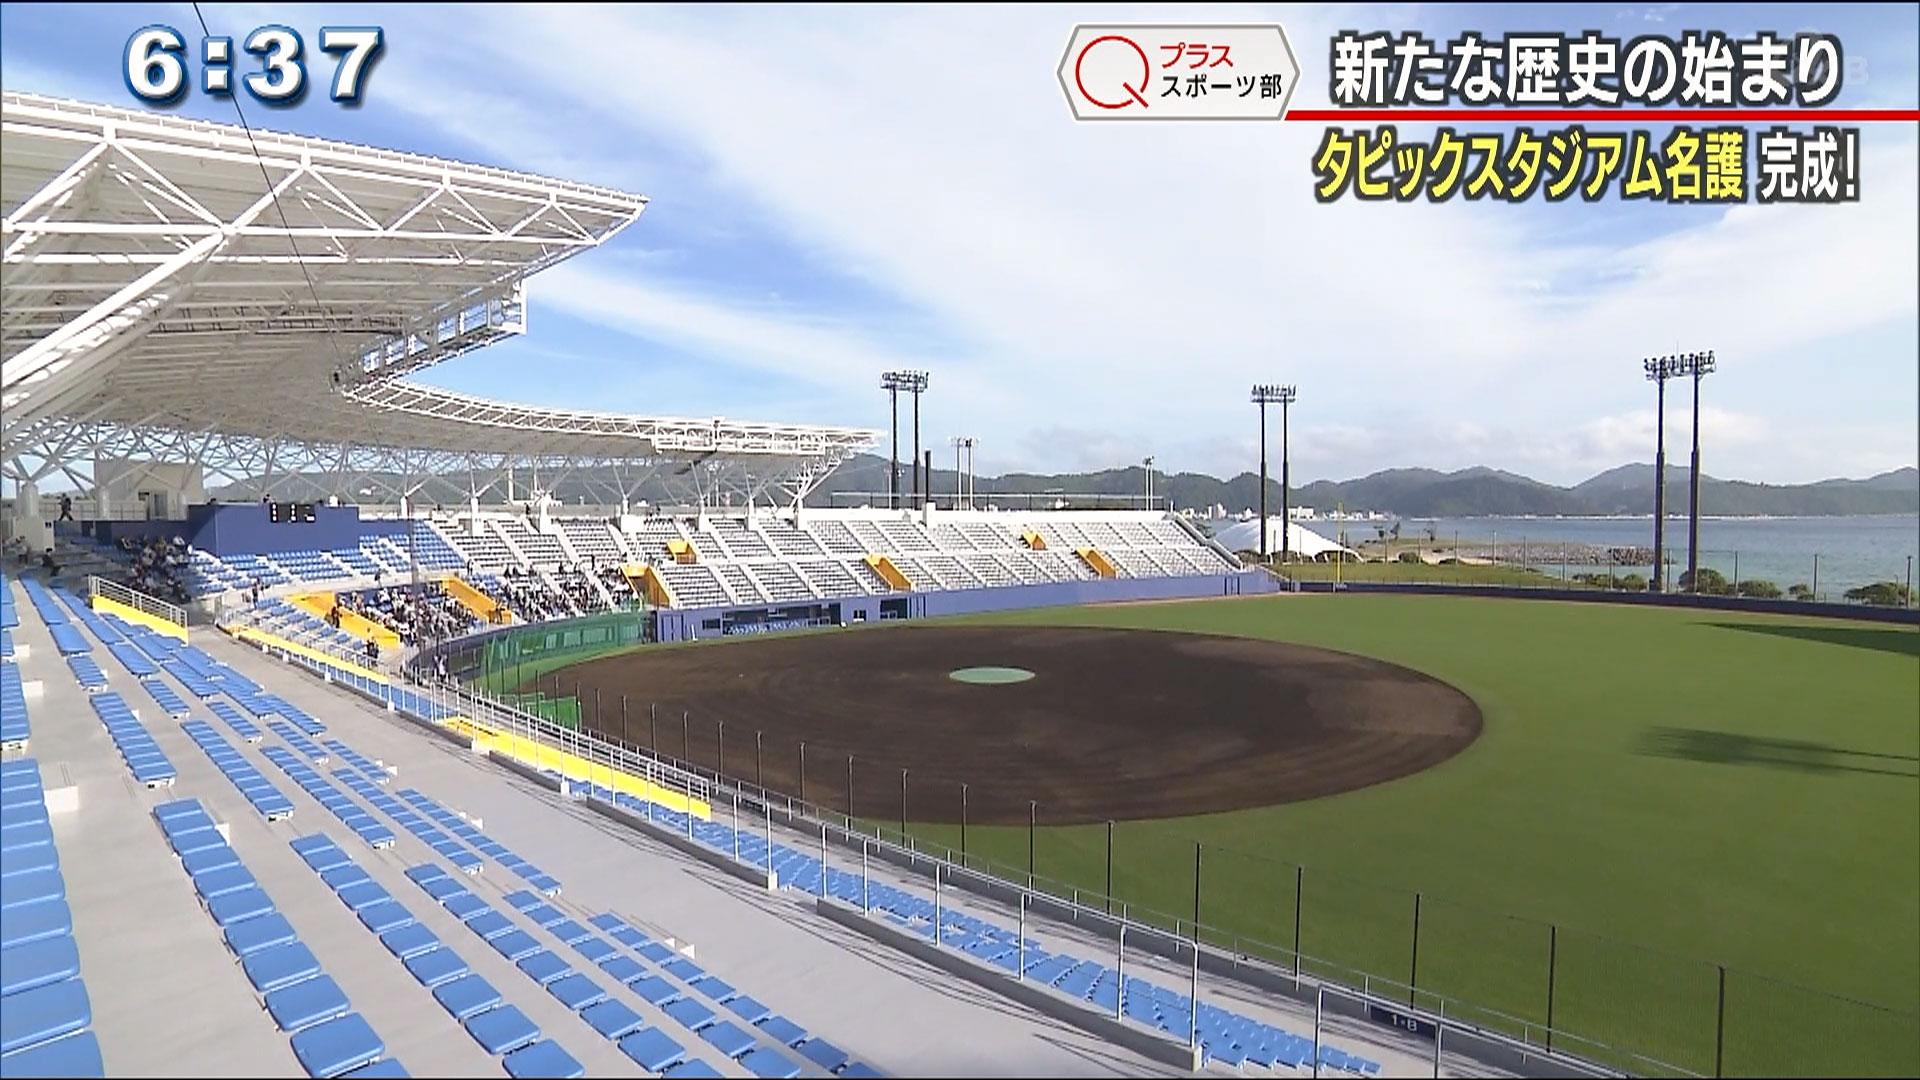 新名護球場完成 プロ野球キャンプ始まりの地